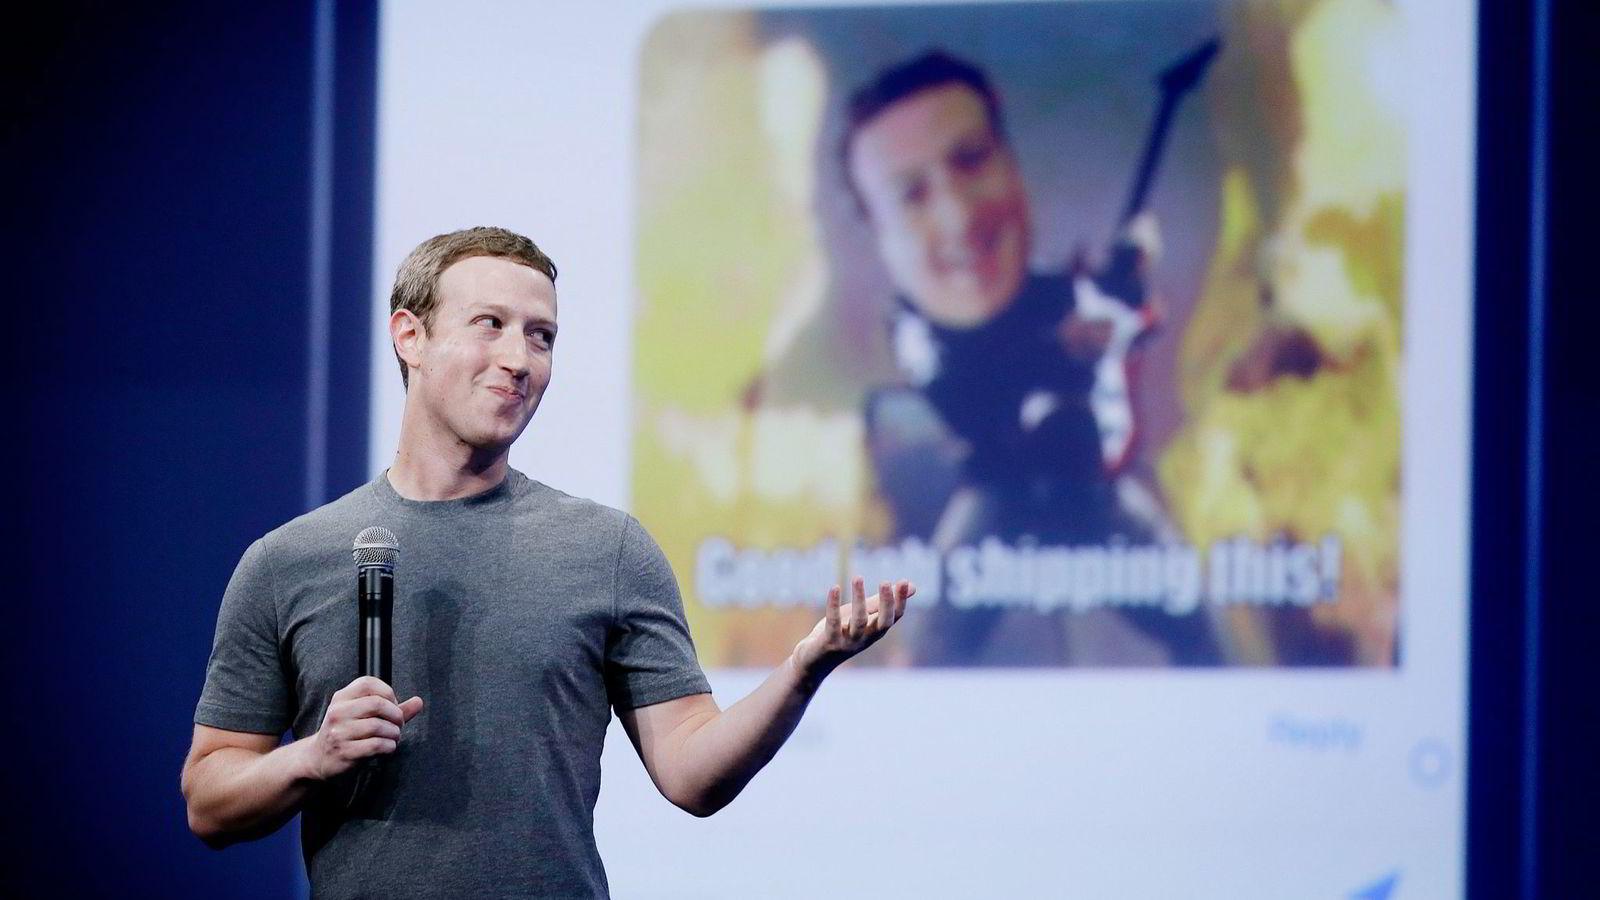 Mark Zuckerbergs Facebook er blitt stadig viktigere for norske mediehus. Denne uken kommer trolig deres nye mobilapp Notify, som igjen kan forandre hverdagen til norske nettaviser. Foto: Eric Risberg, AP/ NTB Scanpix